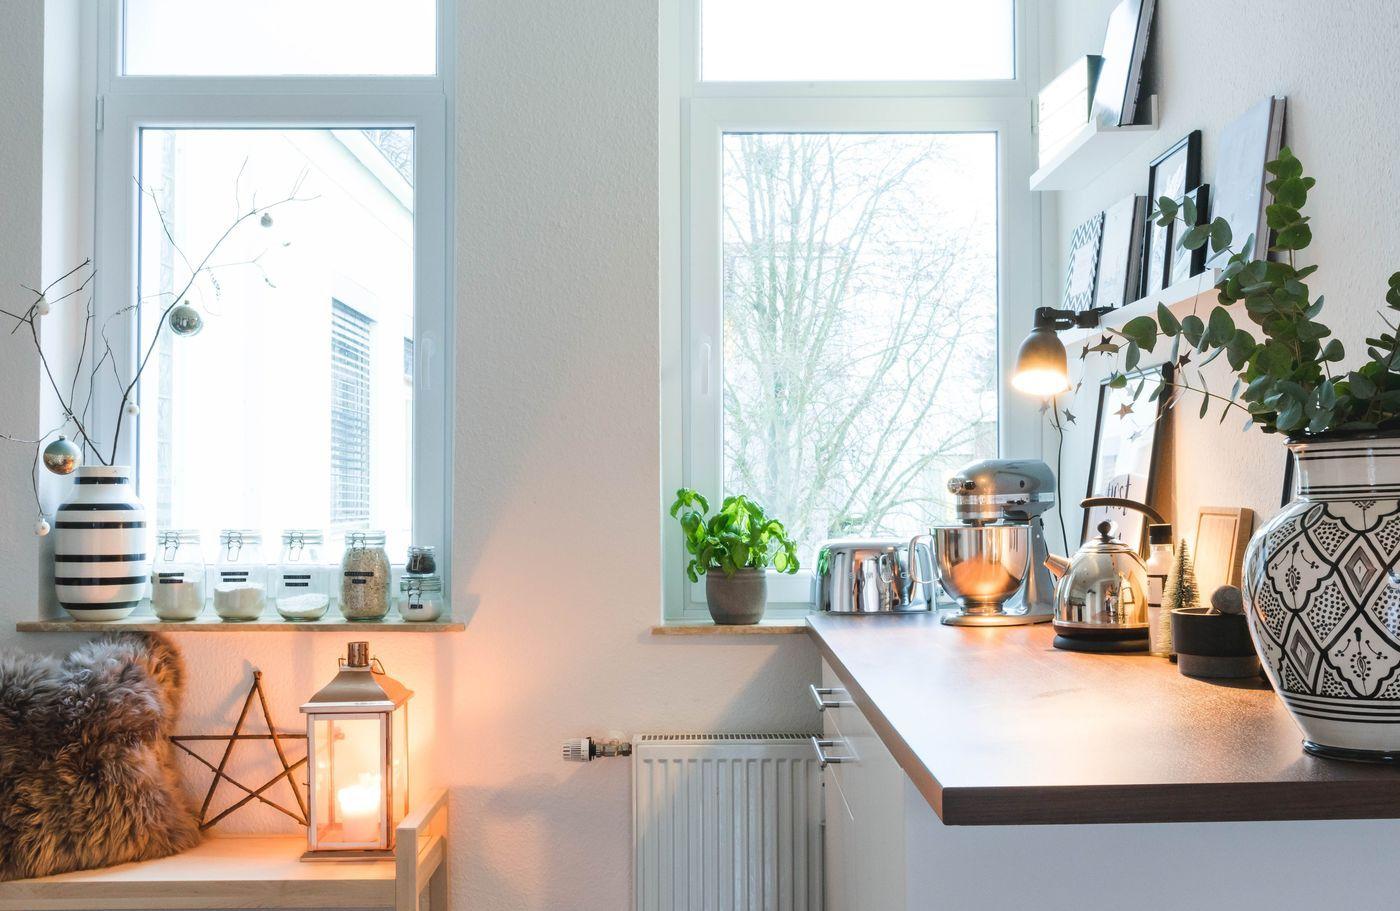 Ikea Kuchen Tolle Tipps Und Ideen Fur Die Kuchenplanung